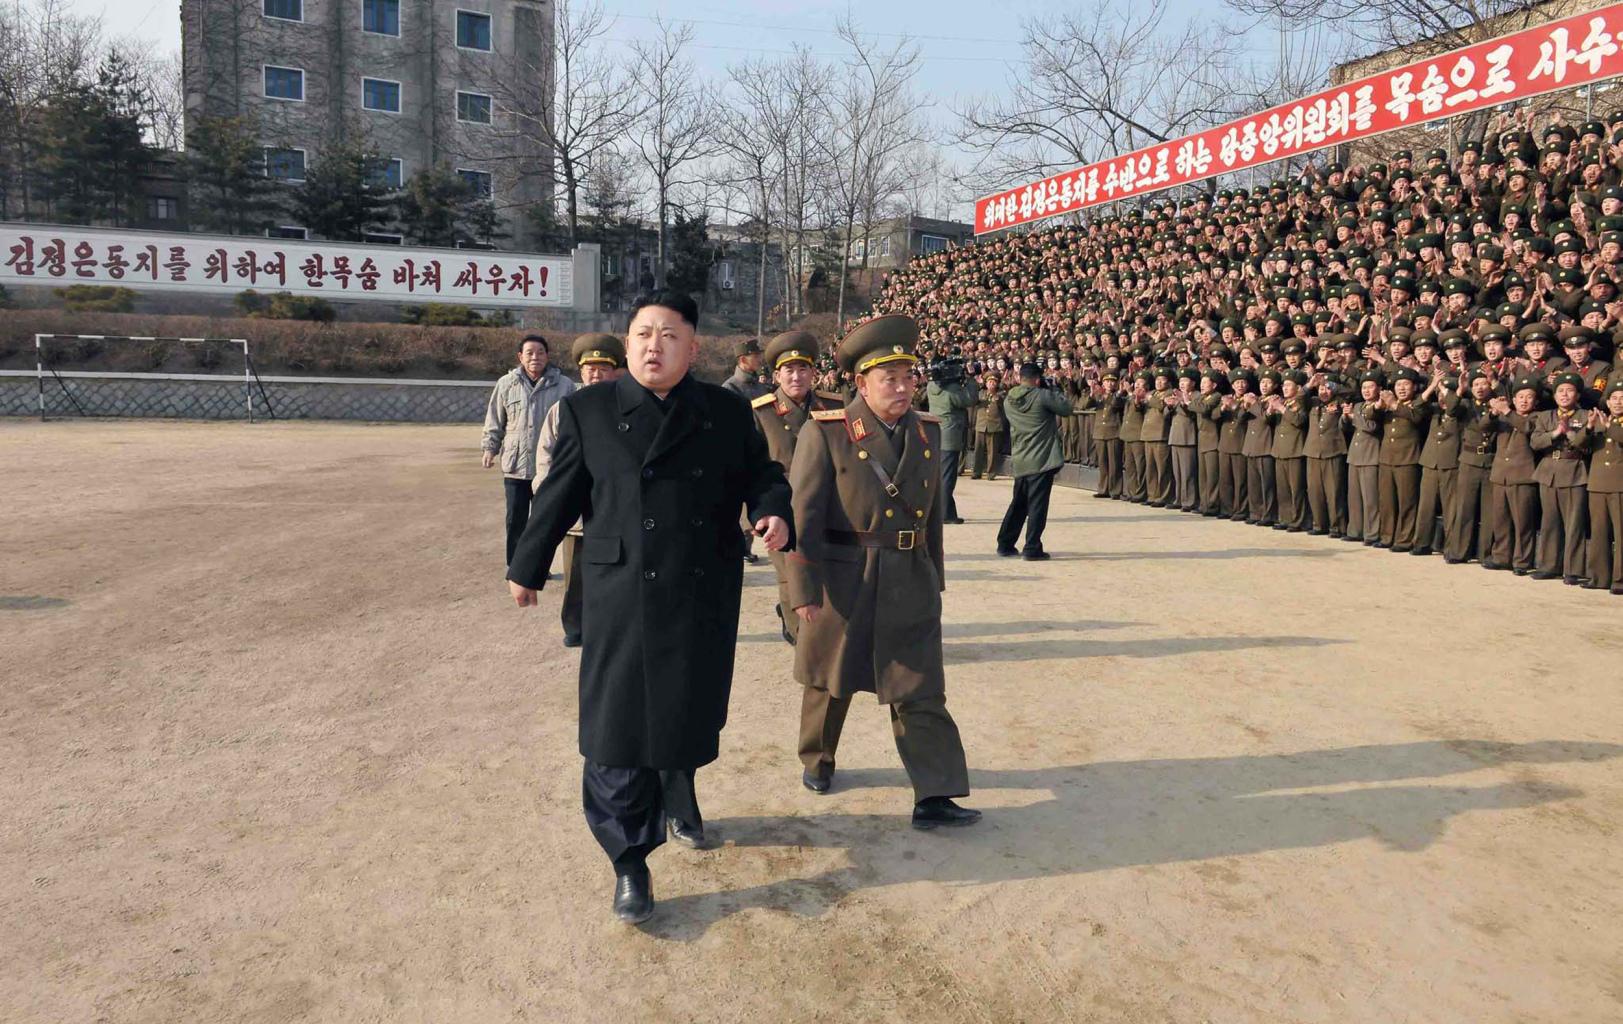 Pyongyang seeks withdrawal of U.S. troops from South Korea